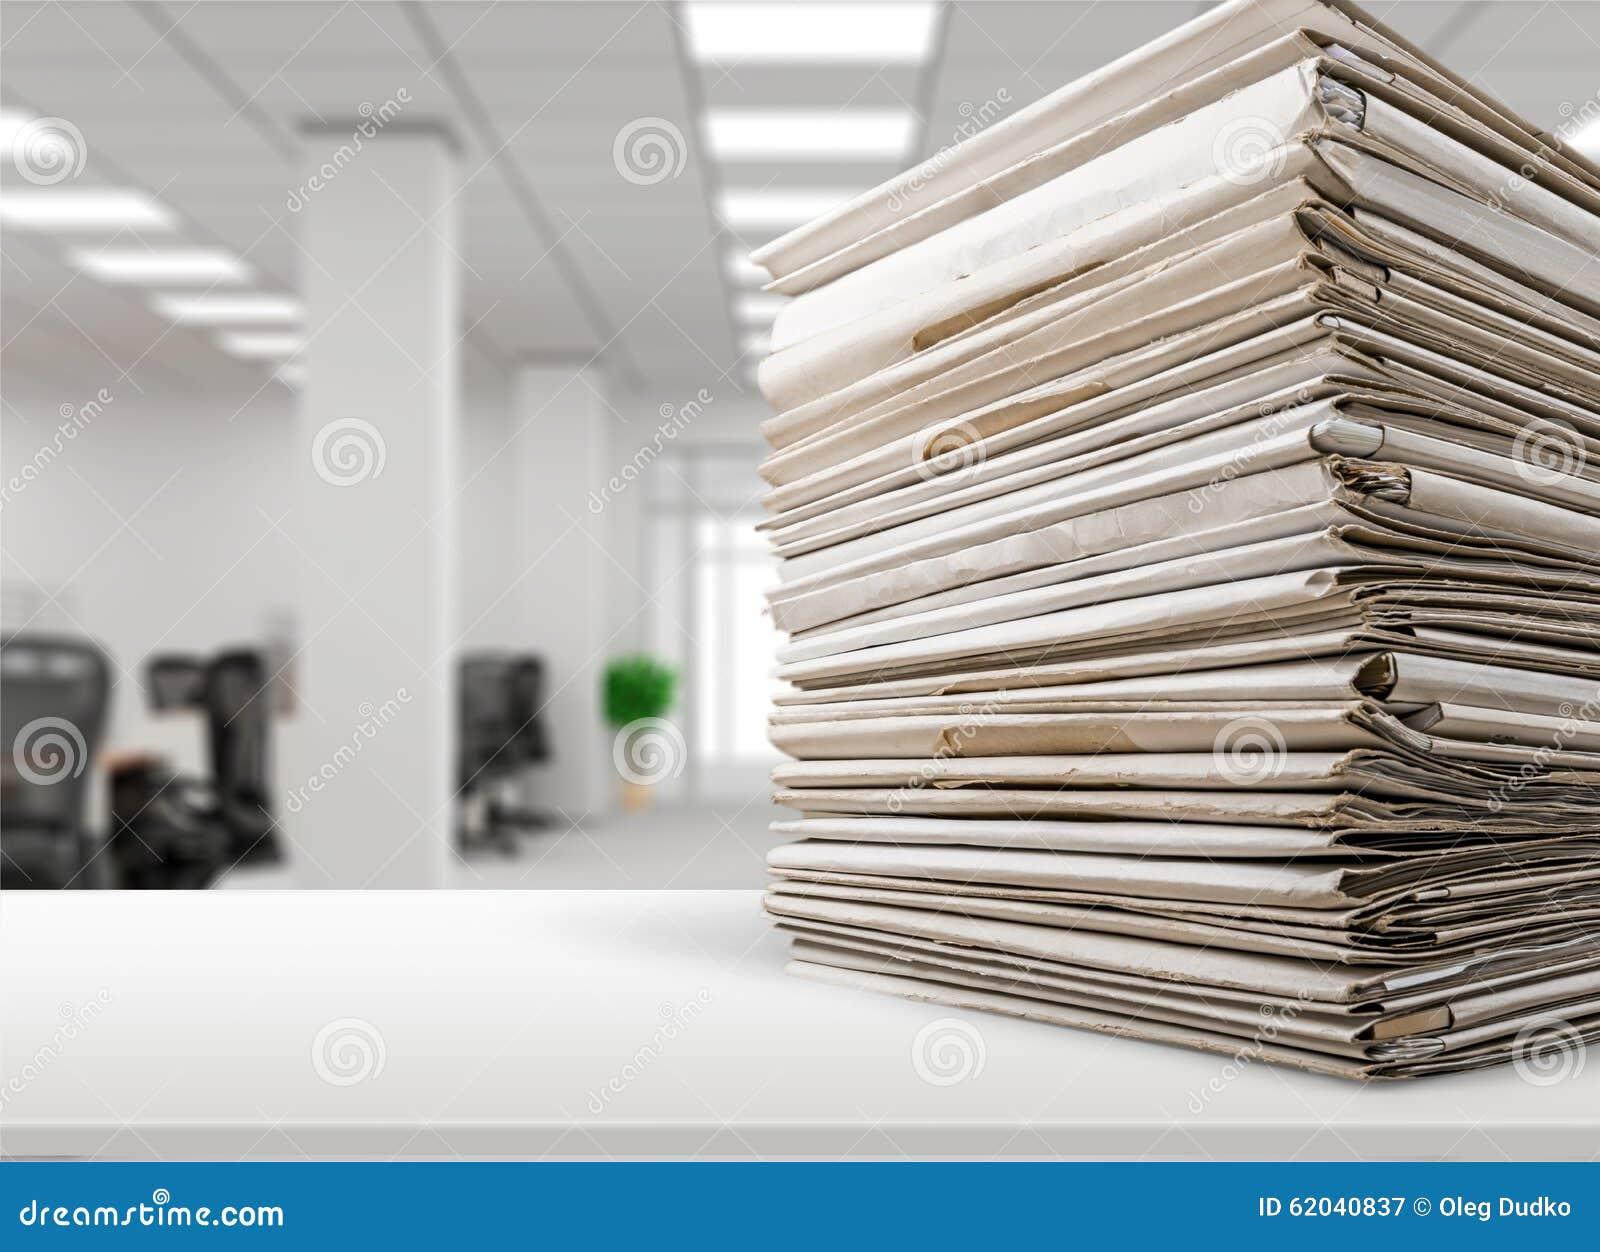 Złożone dokumenty